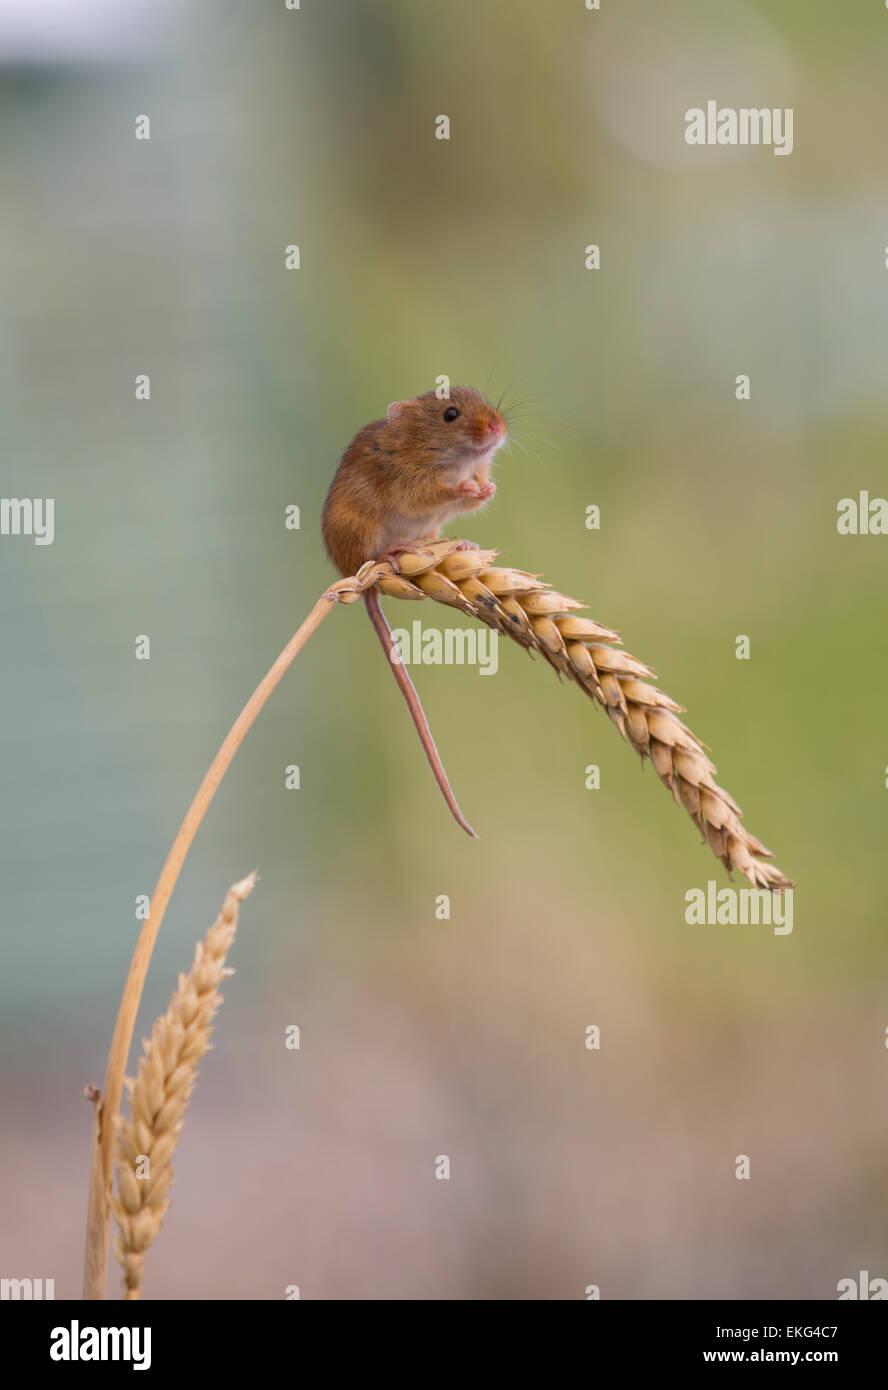 Einsame Zwergmaus auf Weizen Stockbild